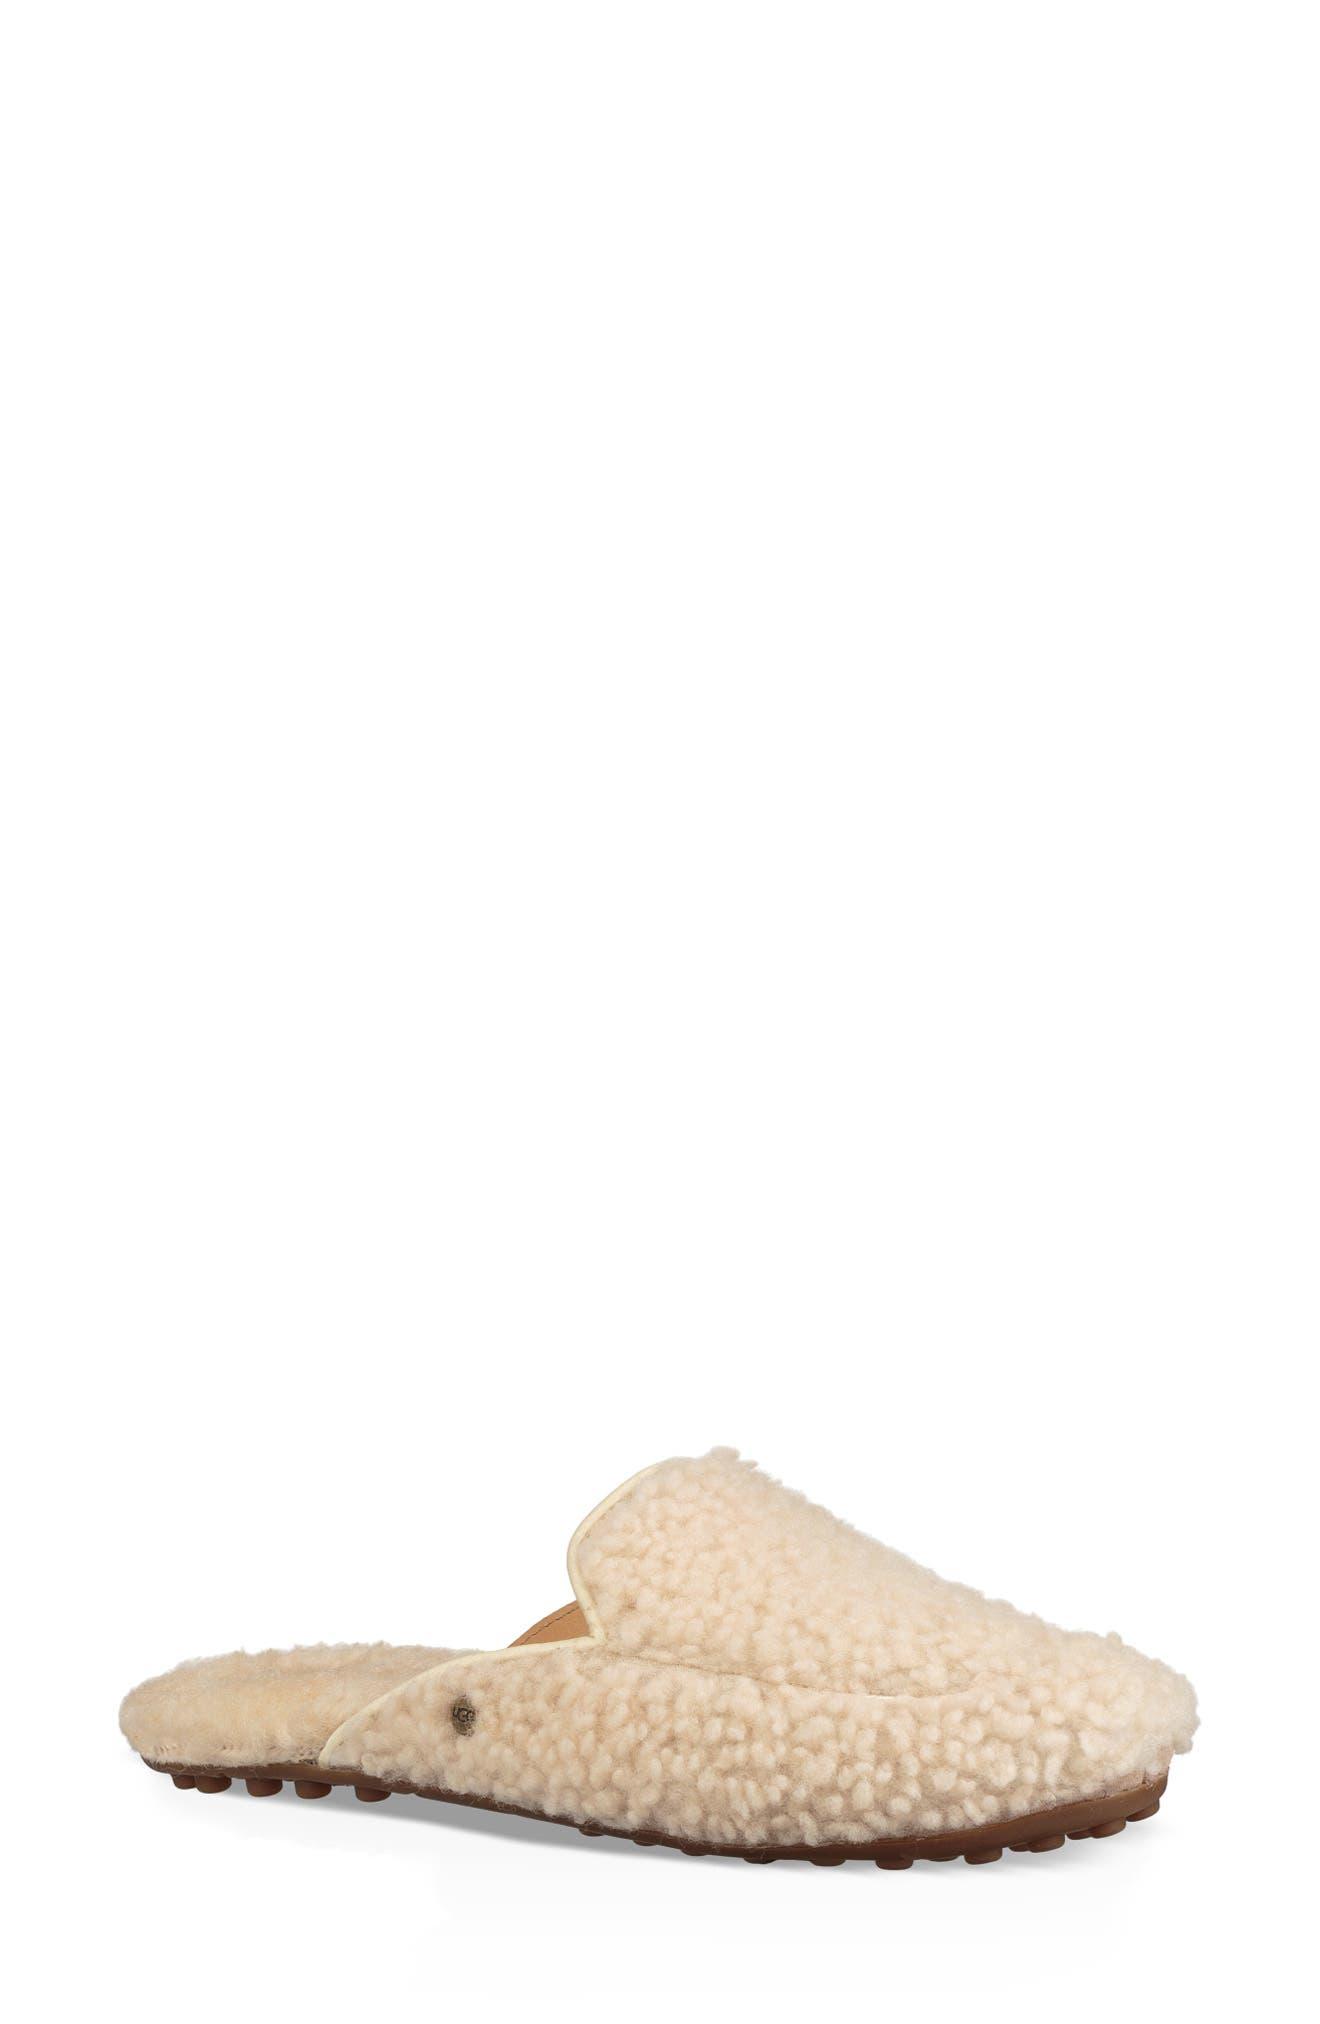 Ugg Lane Fluff Genuine Shearling Loafer Slipper, Beige